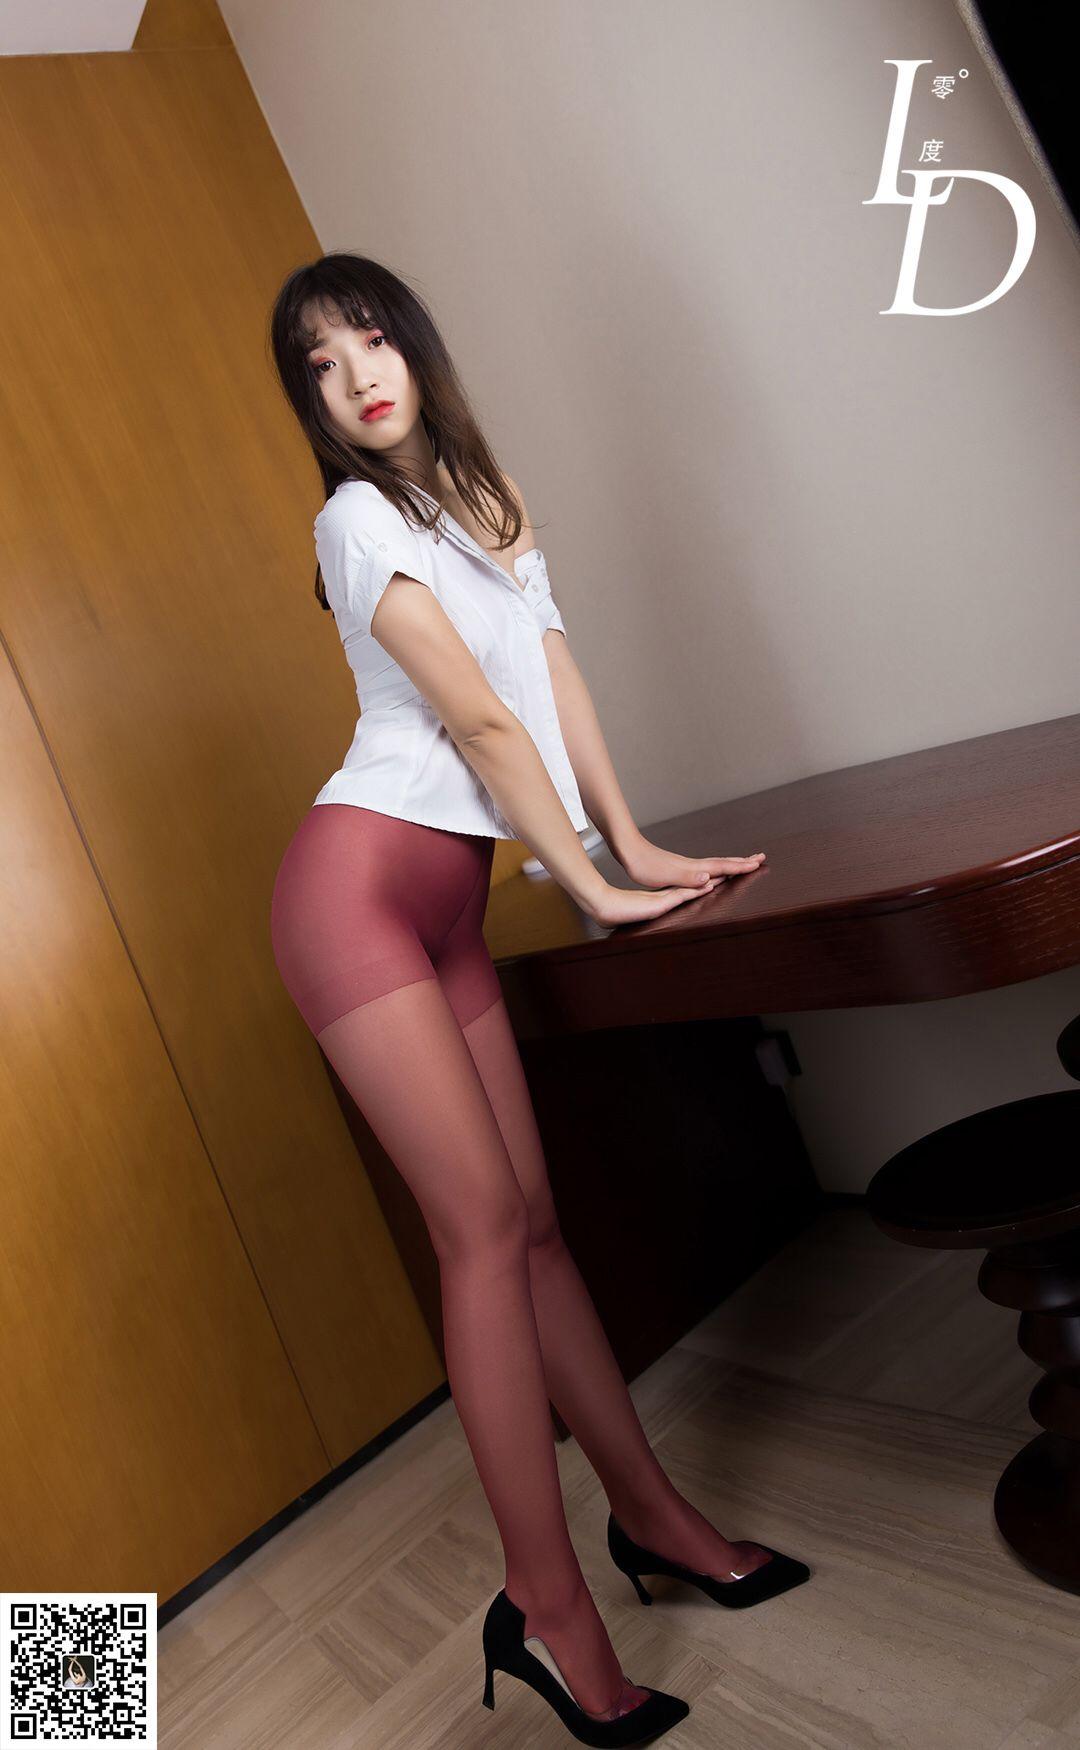 VOL.1219 [LD零度]丝袜诱惑红色丝袜:萱萱高品质写真套图(81P)